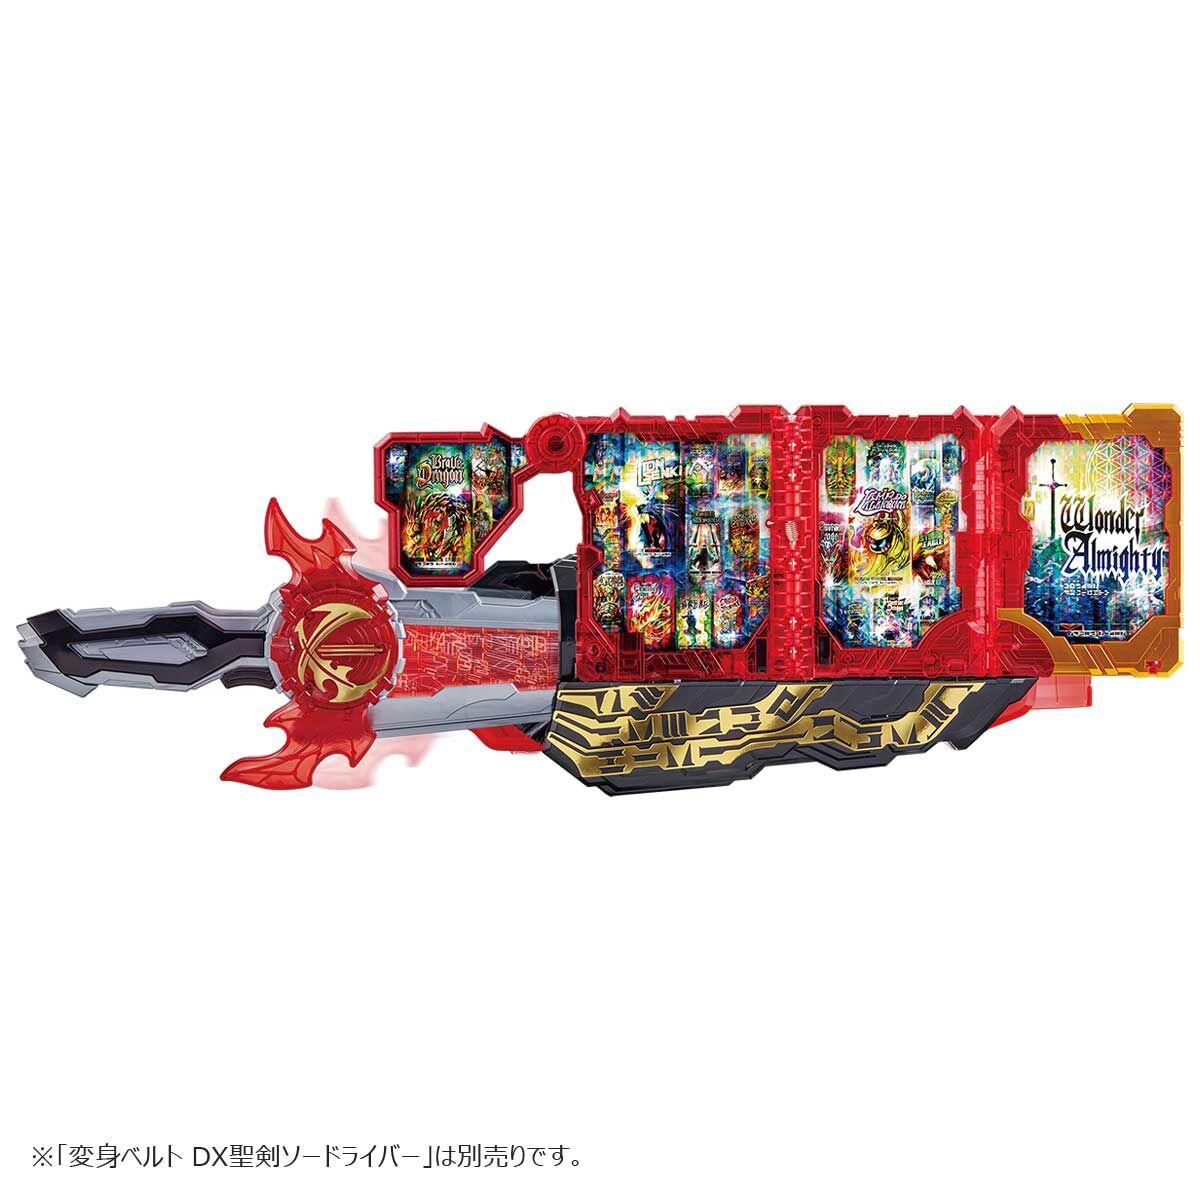 【限定販売】仮面ライダーセイバー『DXワンダーオールマイティワンダーライドブック』変身なりきり-008